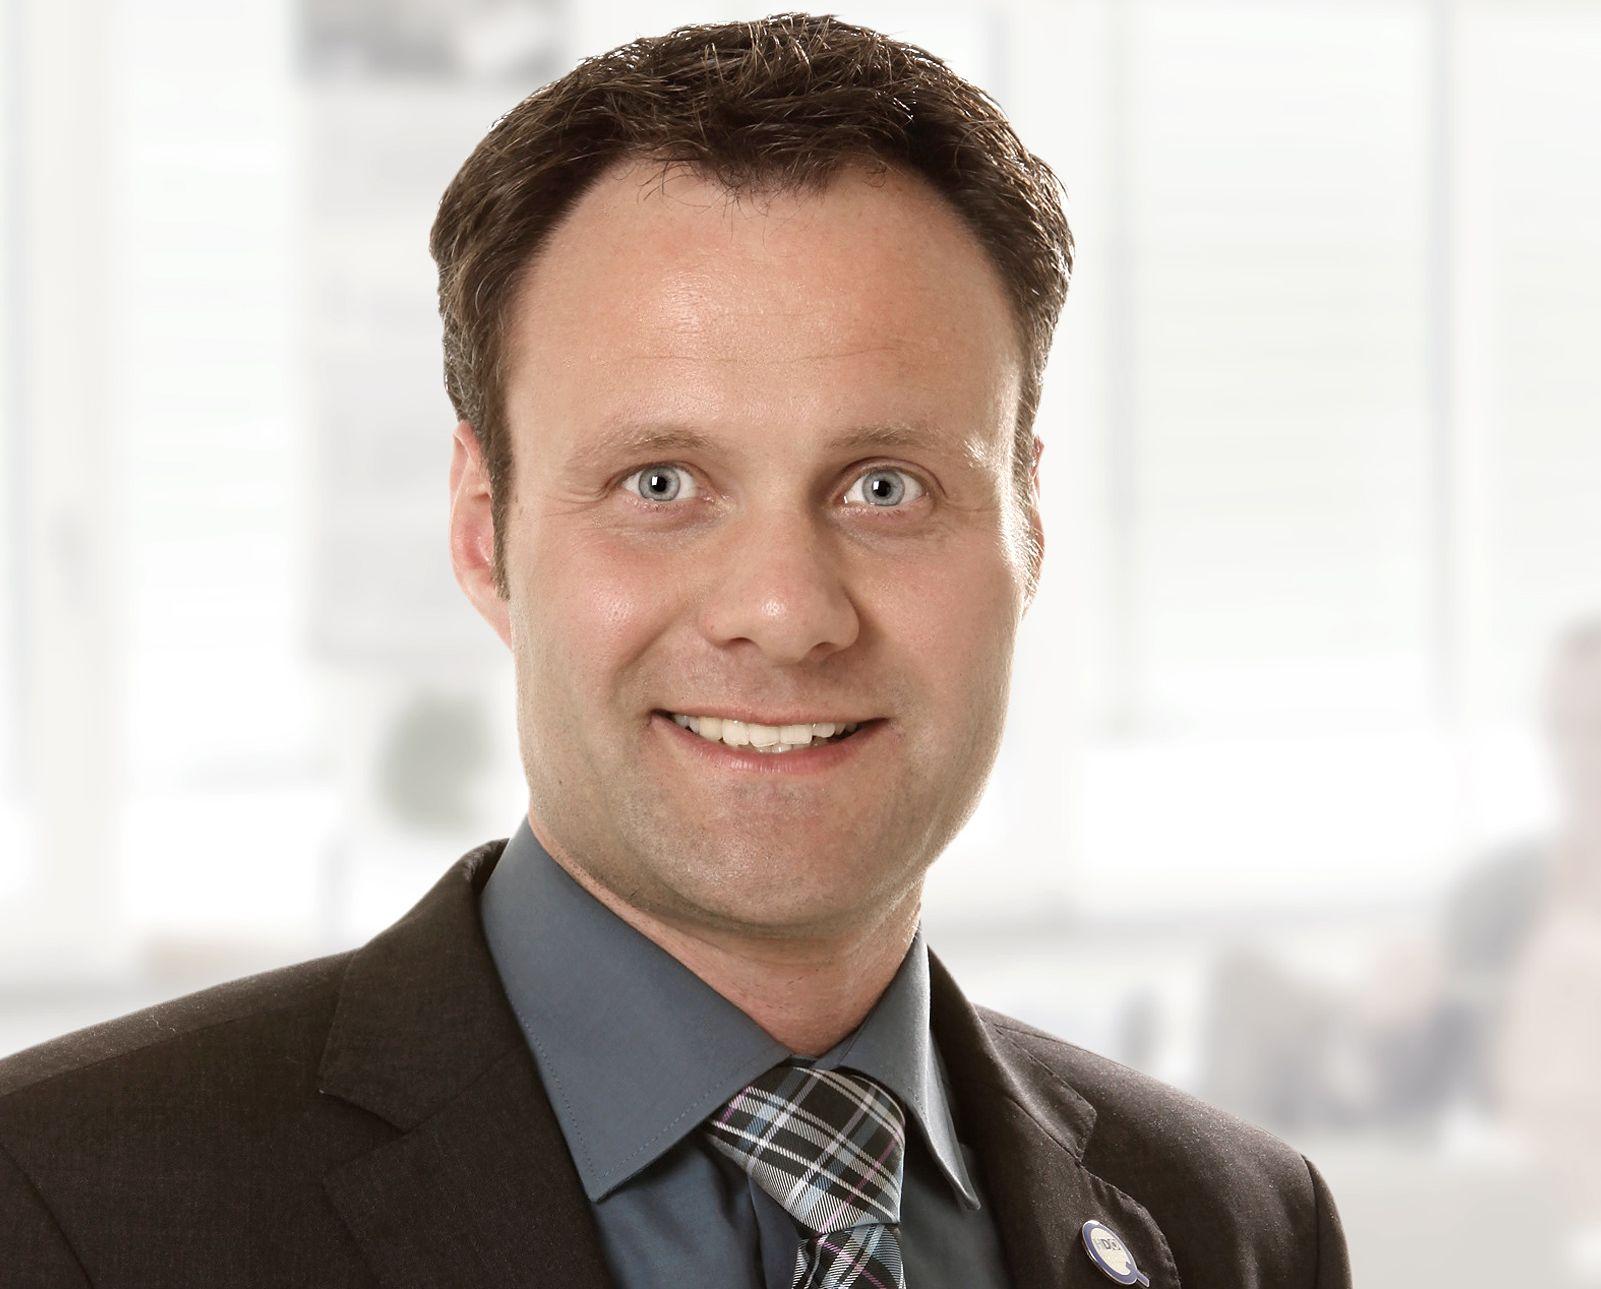 Ansprechpartnerin für den Vertriebsleitung Michael Schäfer